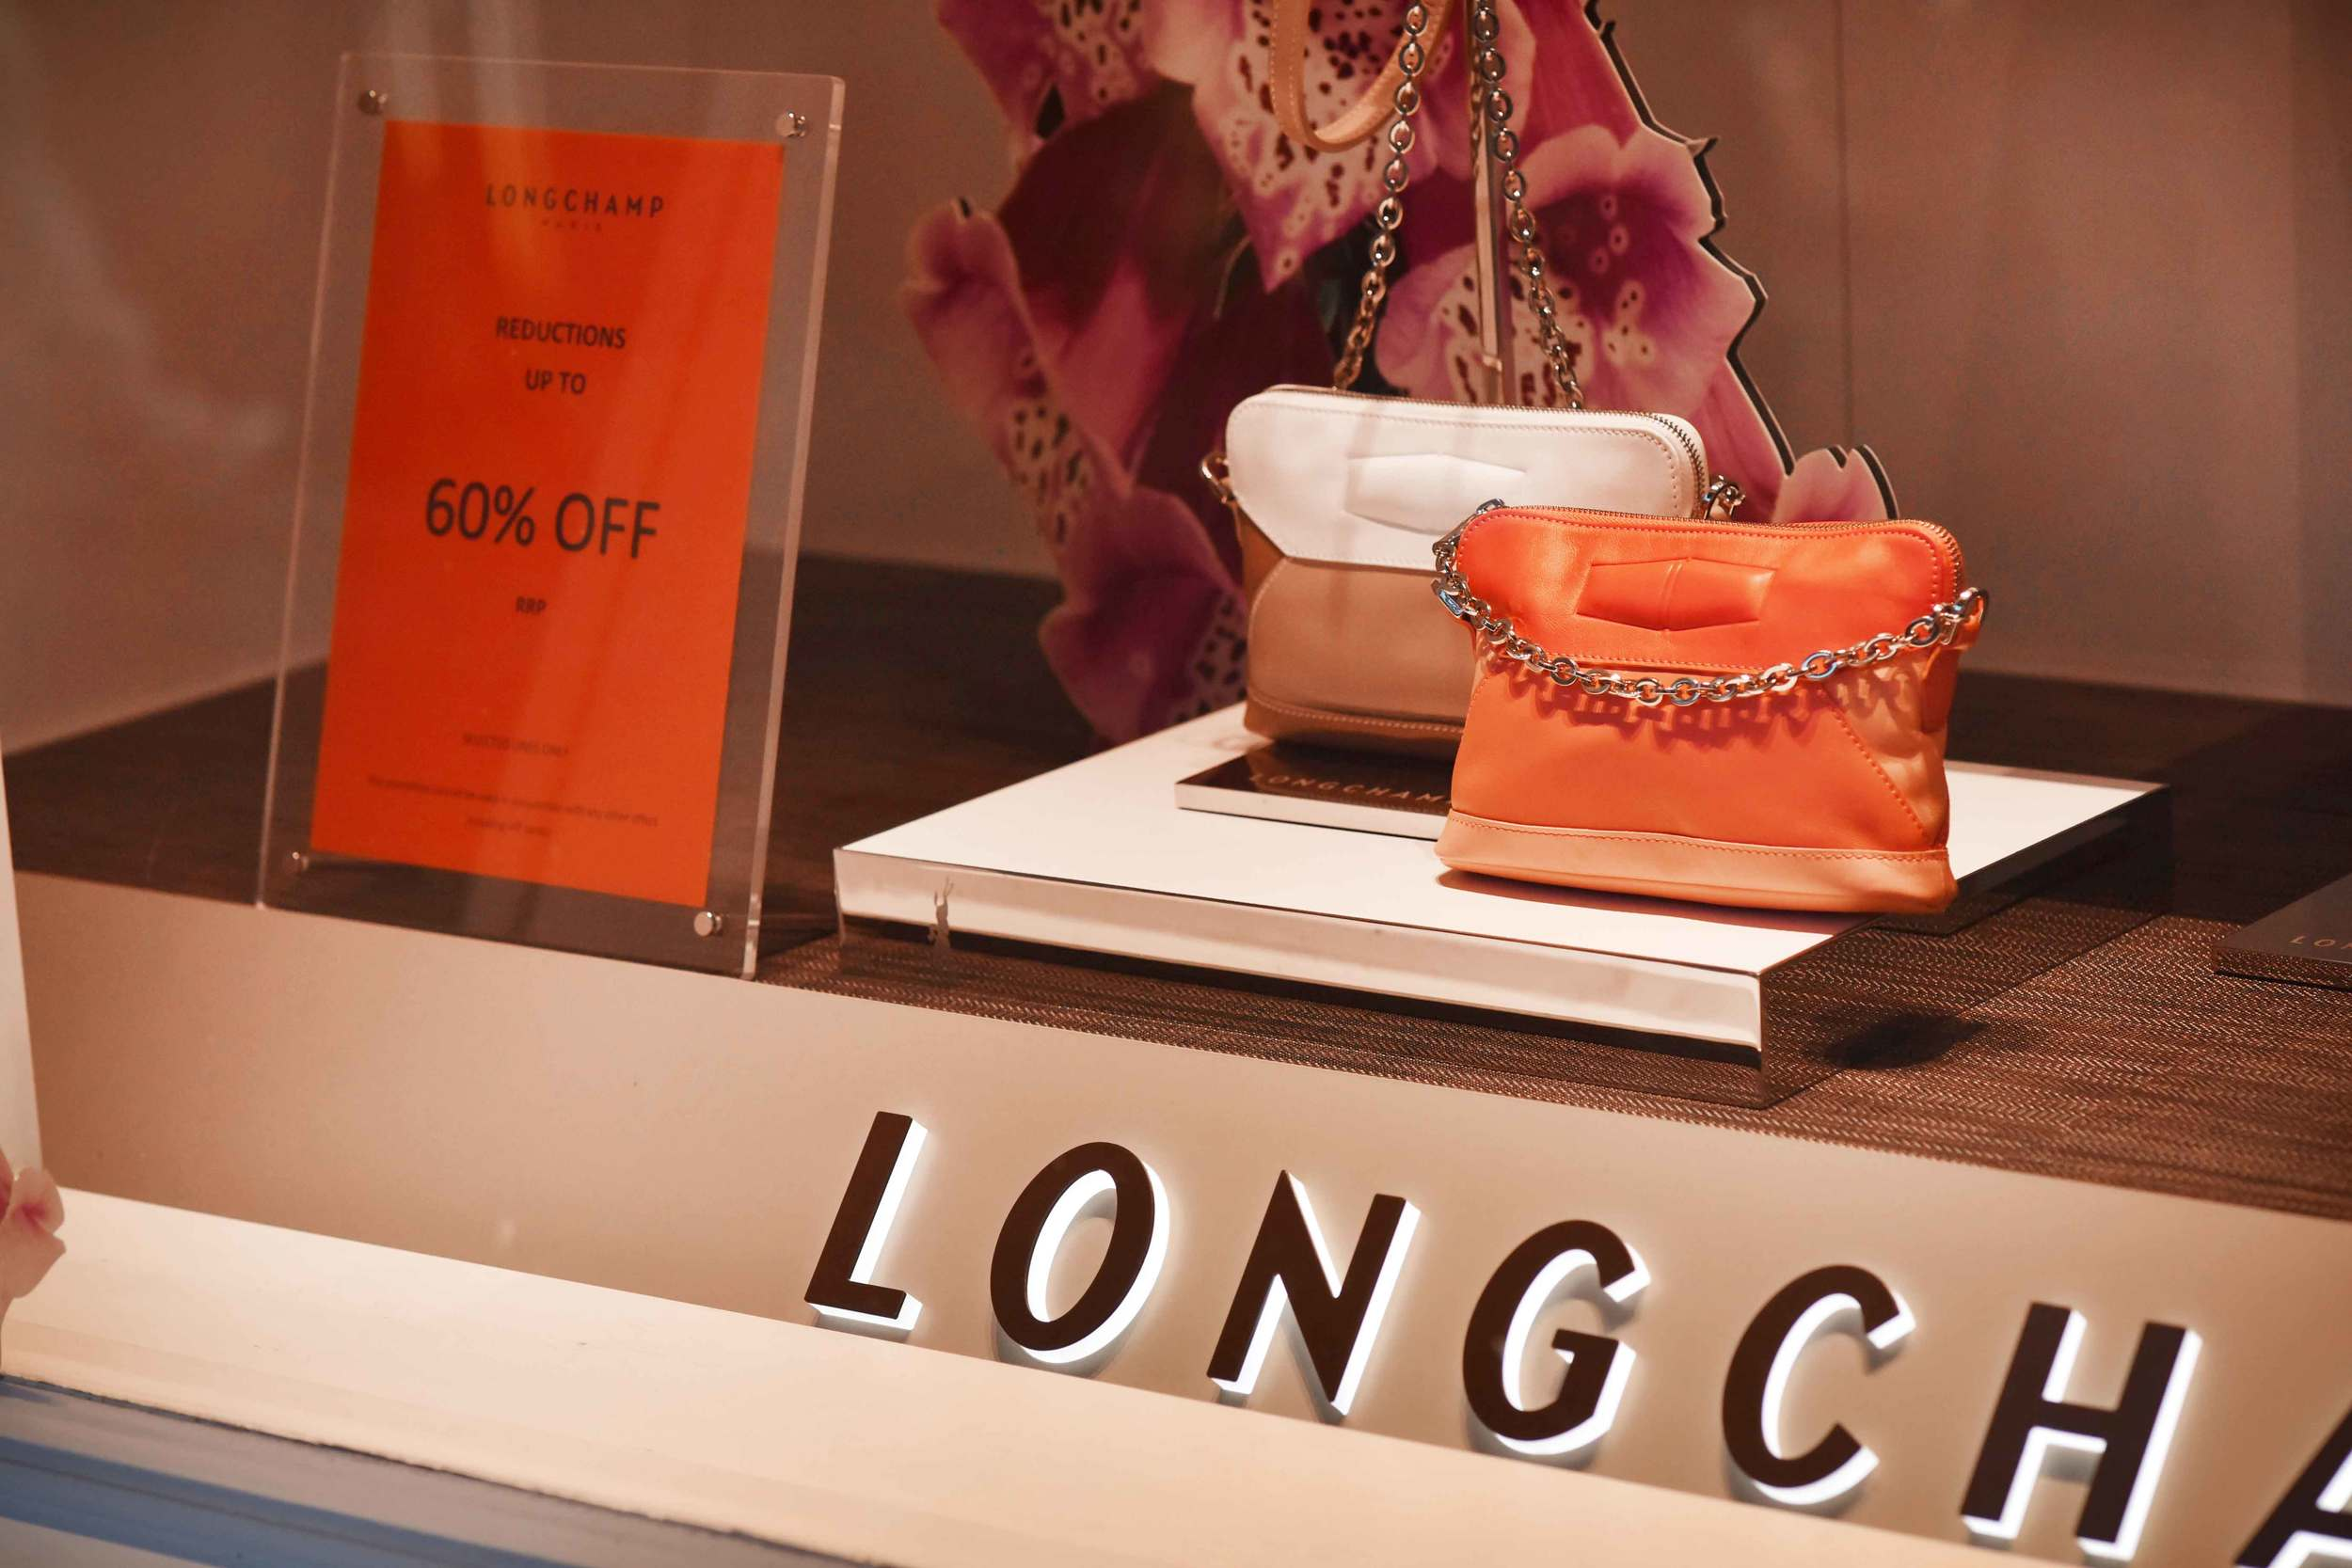 Longchamp, Bicester village, designer shopping outlet near London, UK. Image©sourcingstyle.com